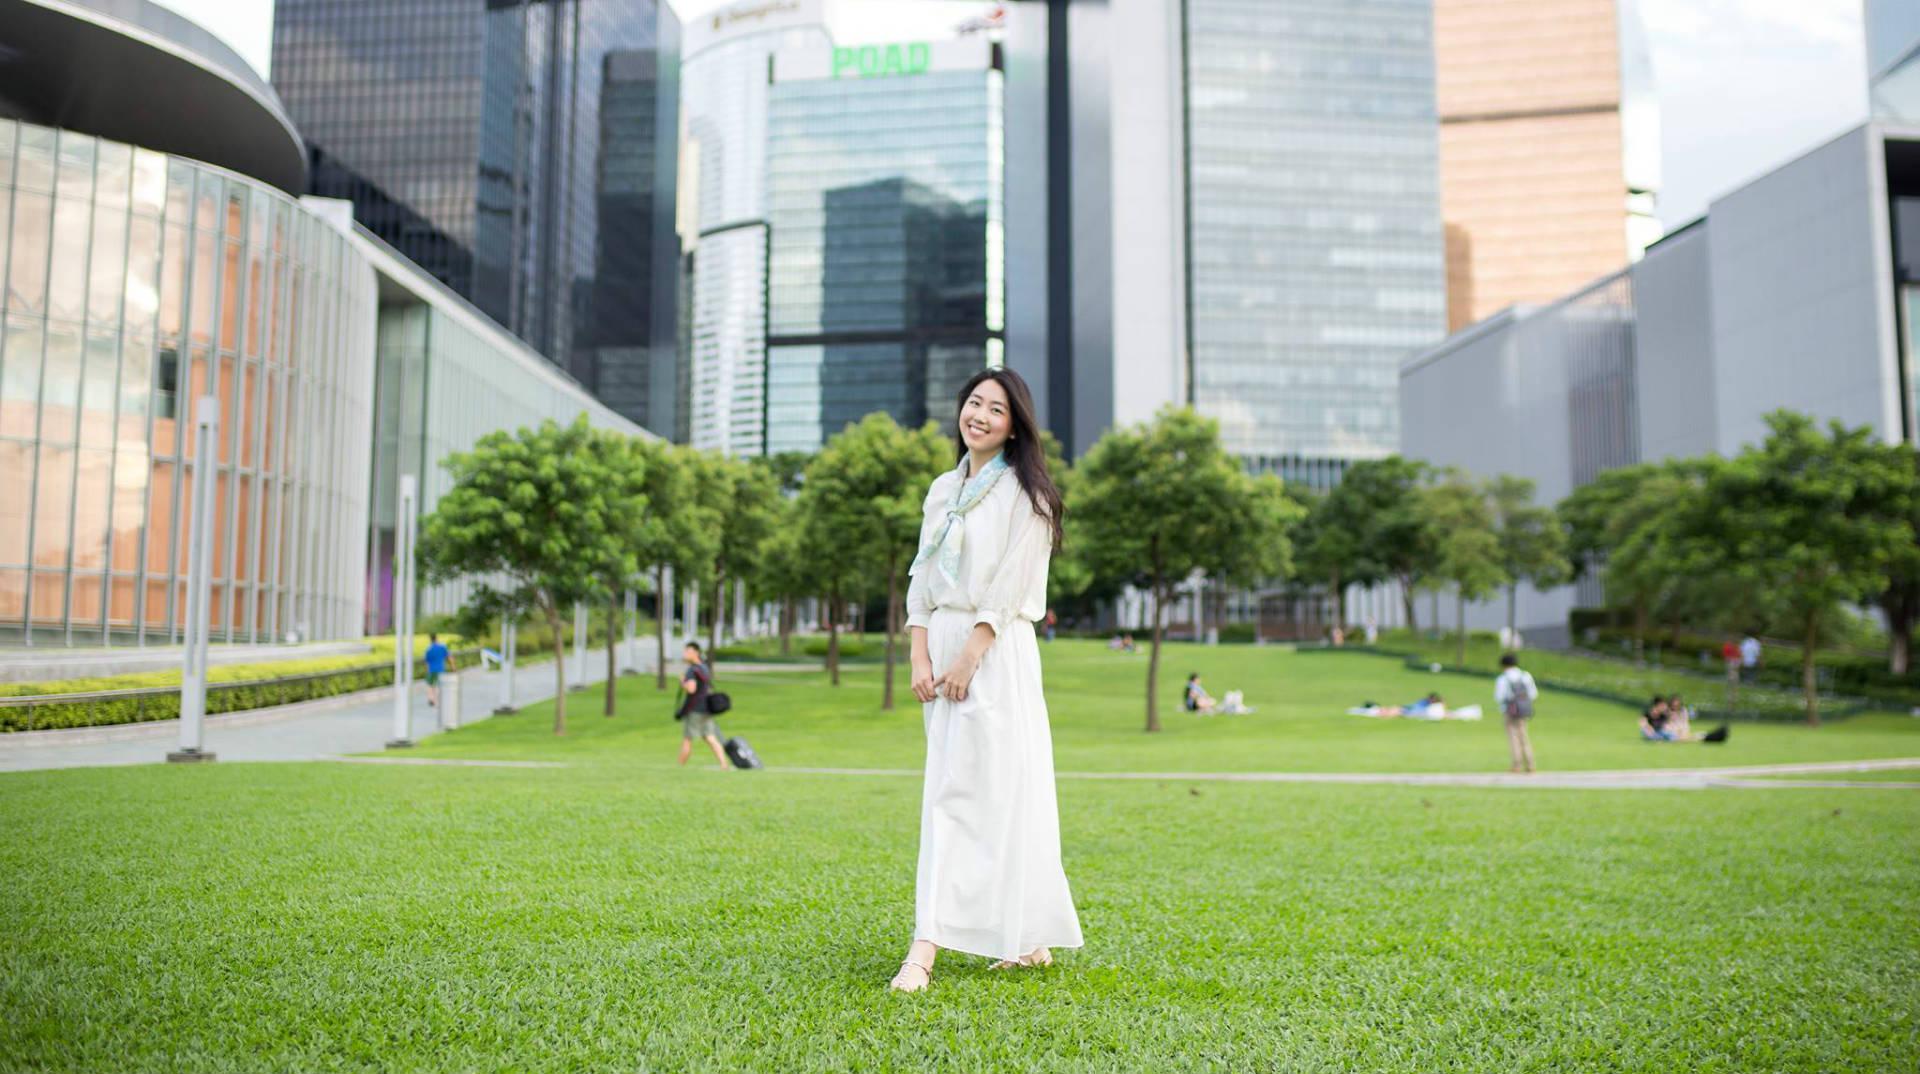 新世代人才,勇敢展現「捨我其誰」的 Ownership - Facebook 大中華區中小企業業務總監 Christina